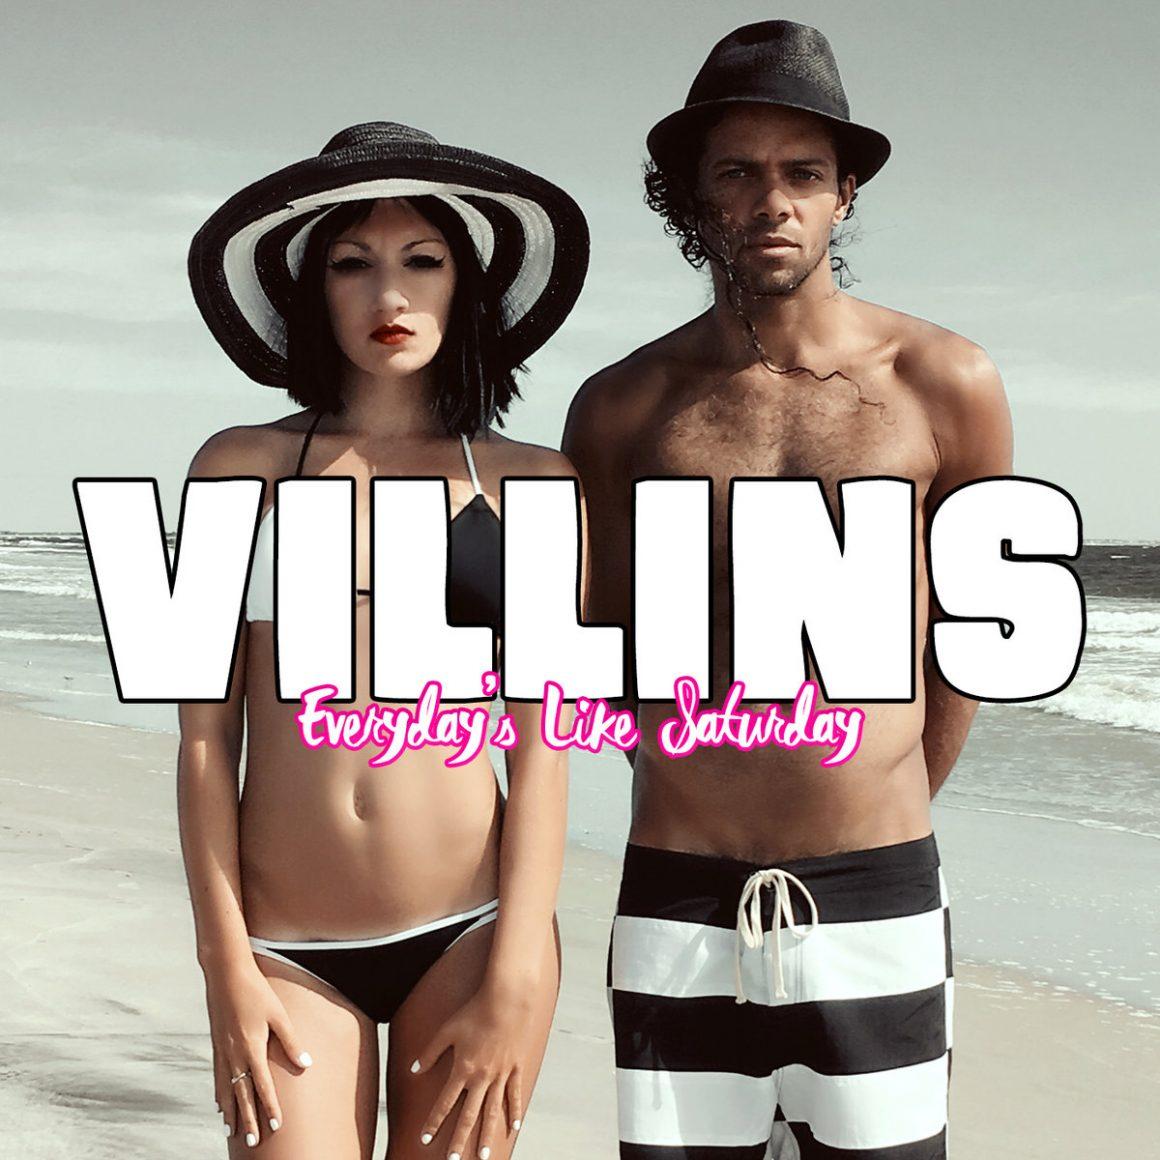 Villins